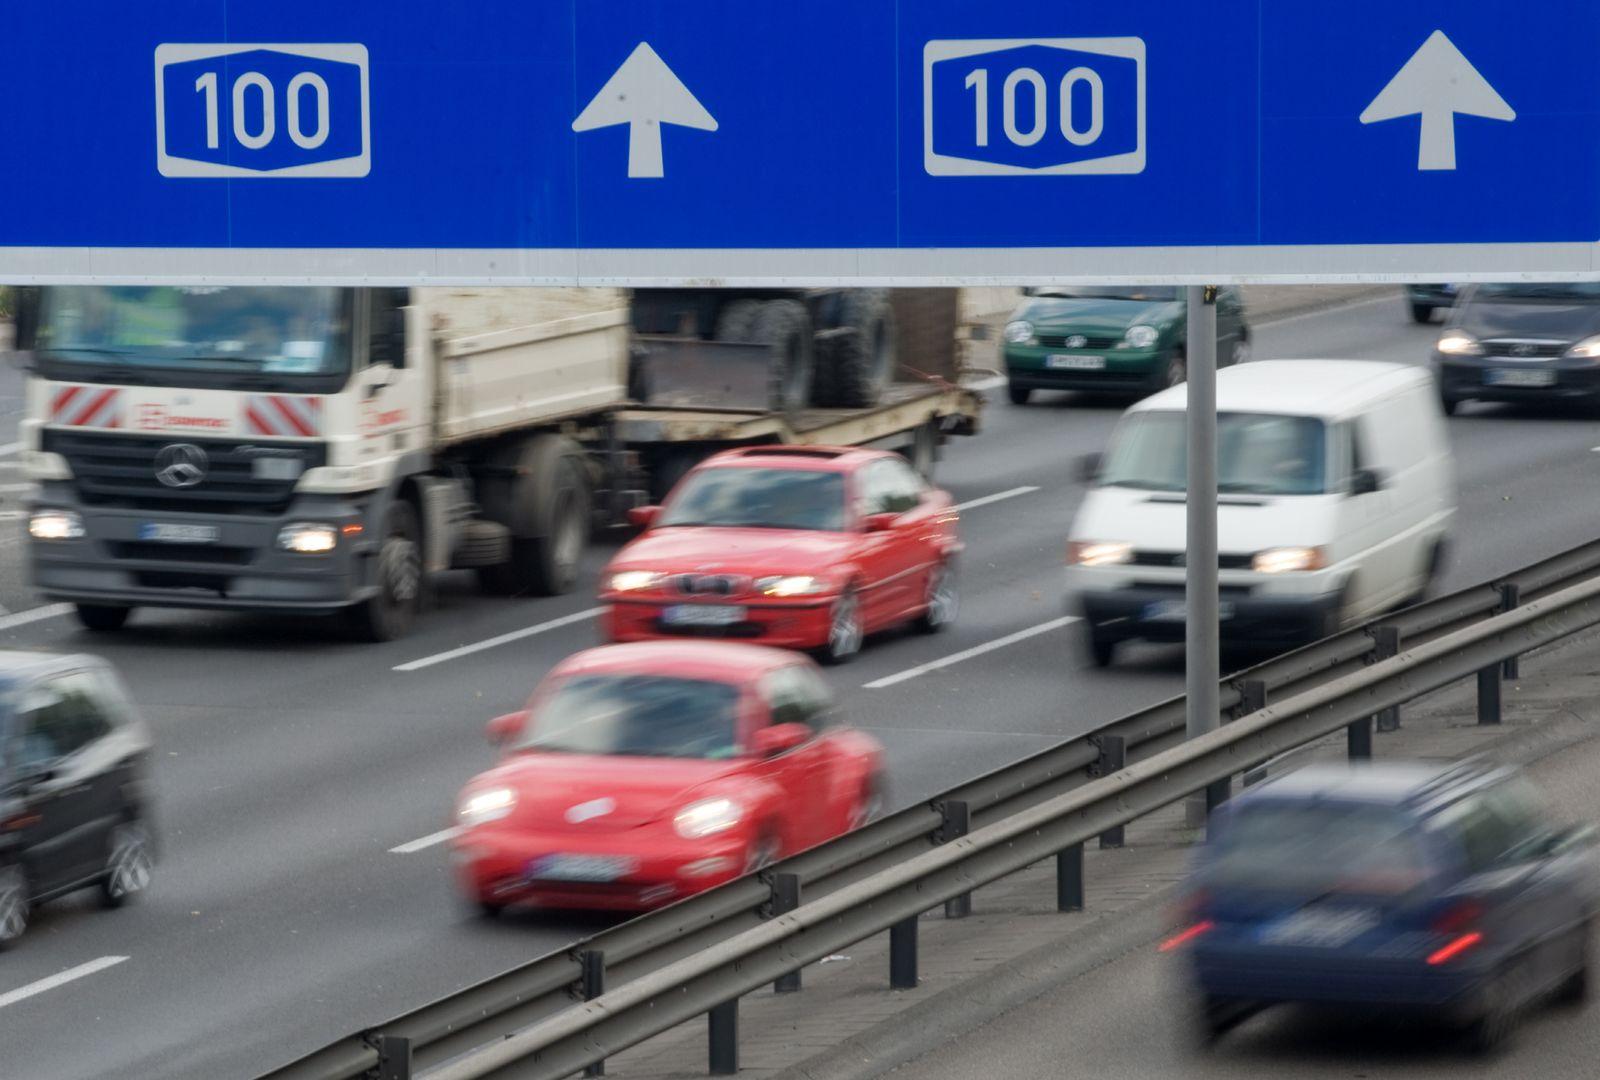 NICHT VERWENDEN A100 berliner Stadtautobahn